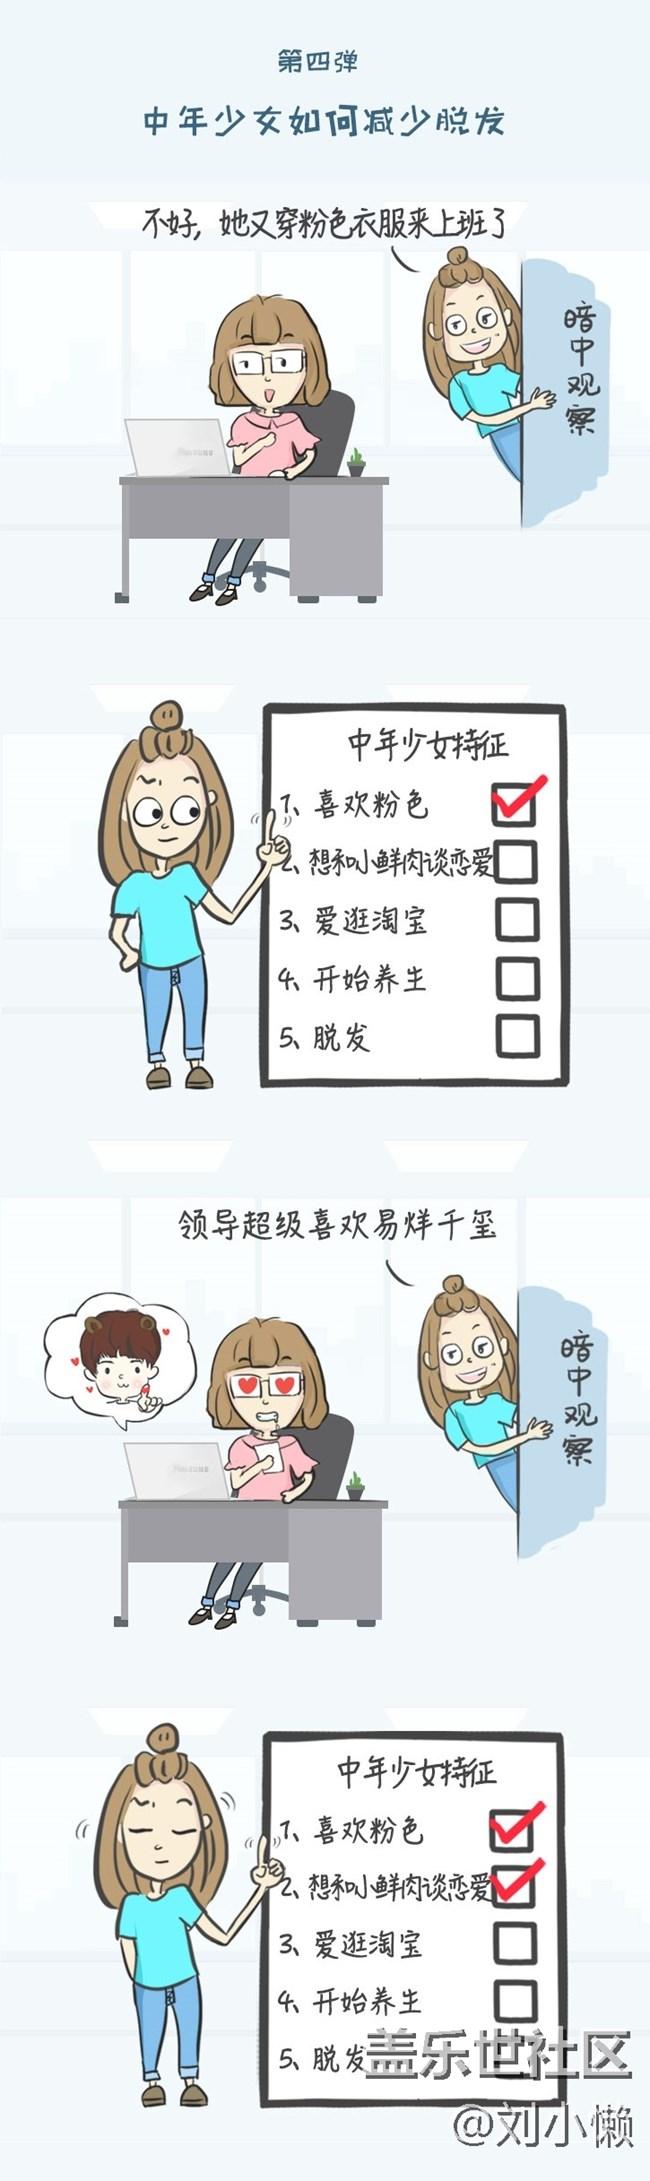 漫画第四弹:中年少女如何减少脱发